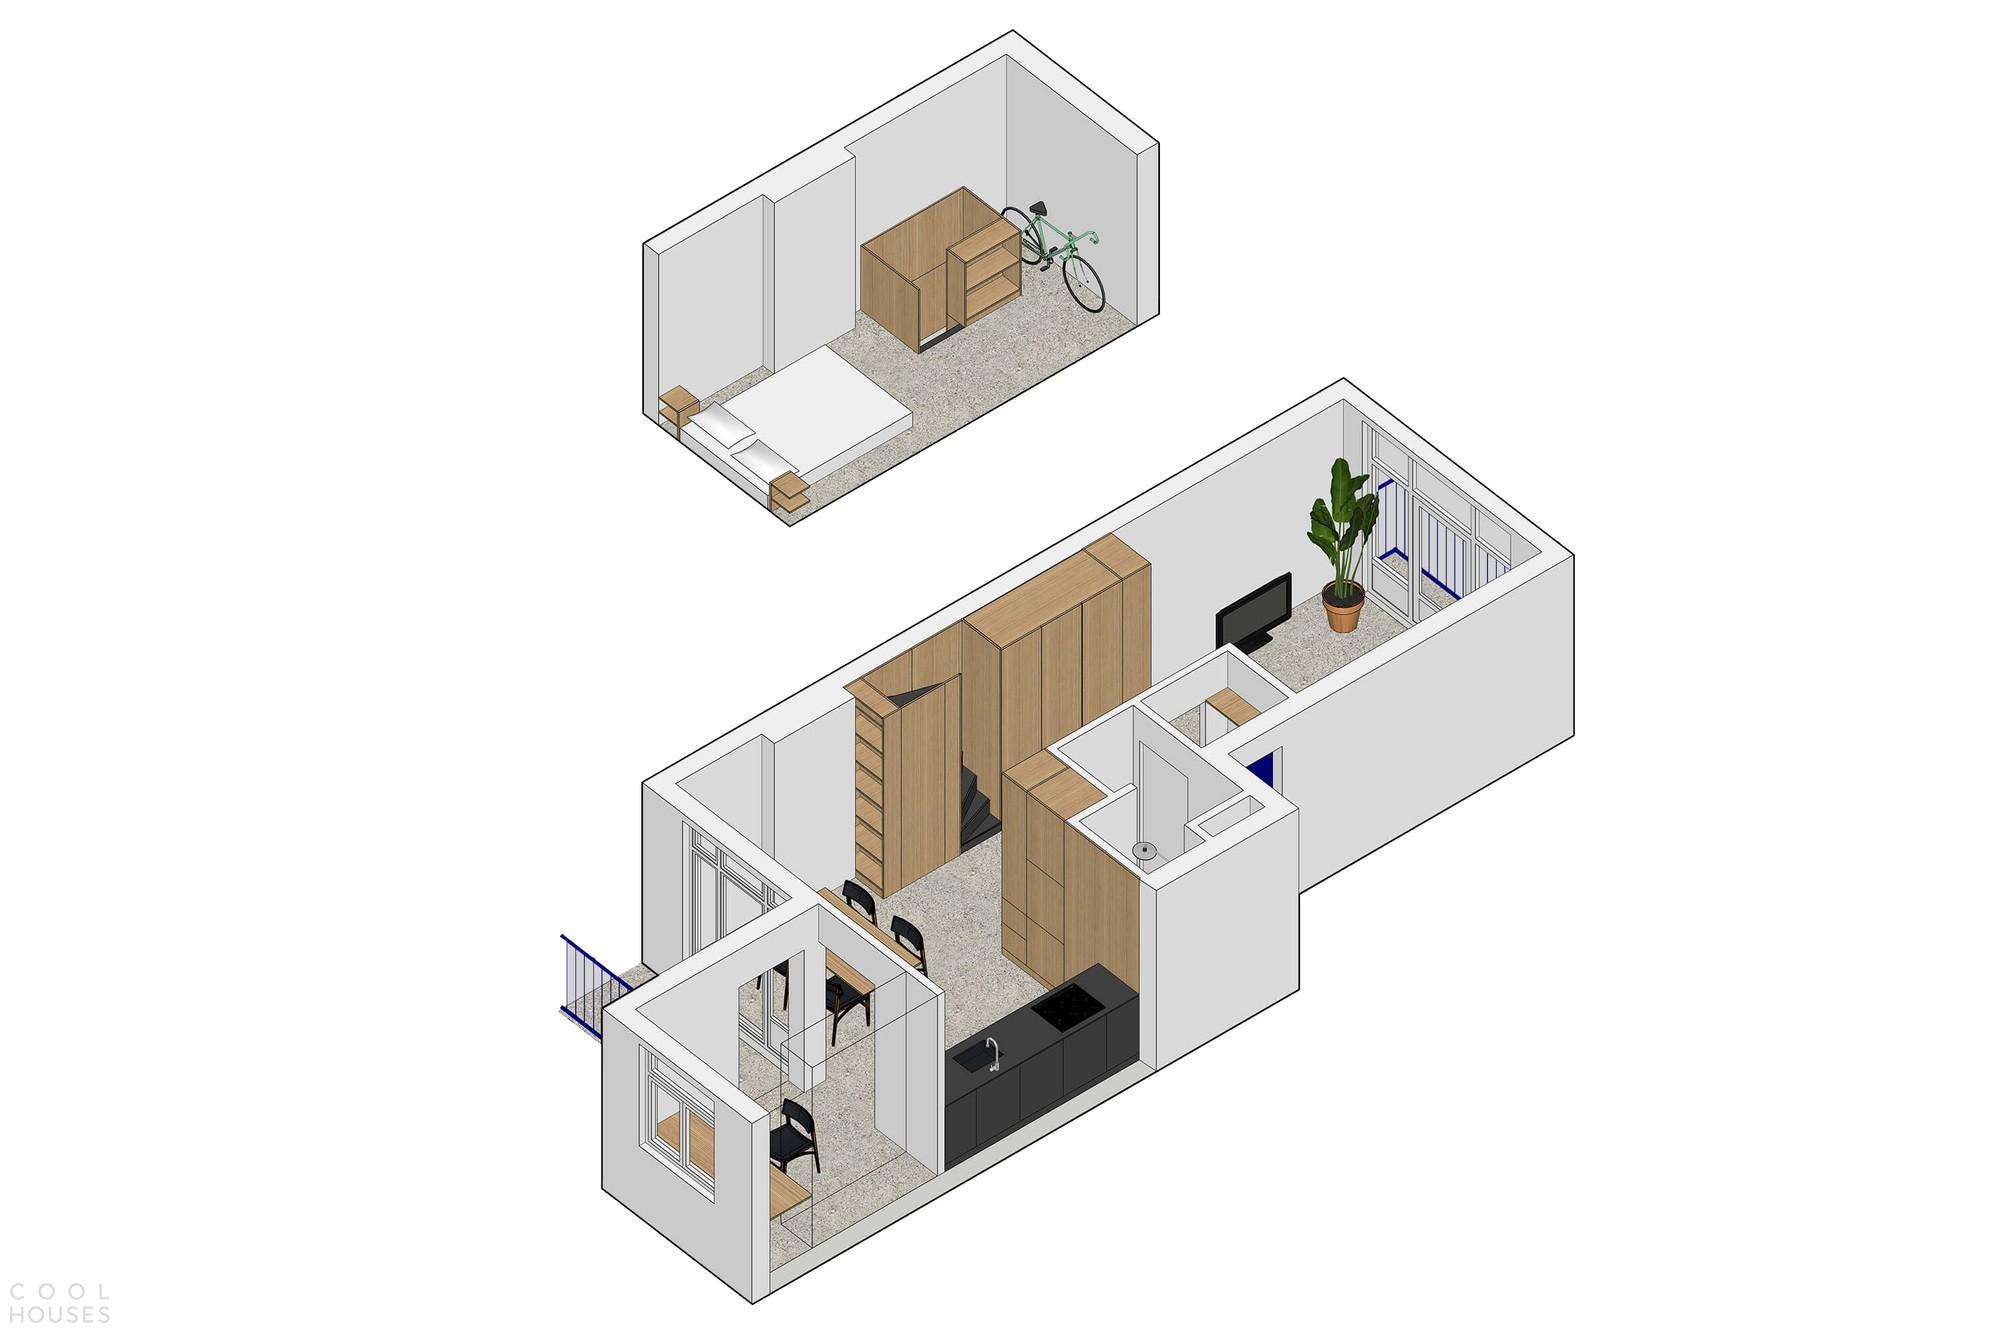 «Крошечный лофт» с эффективной планировкой